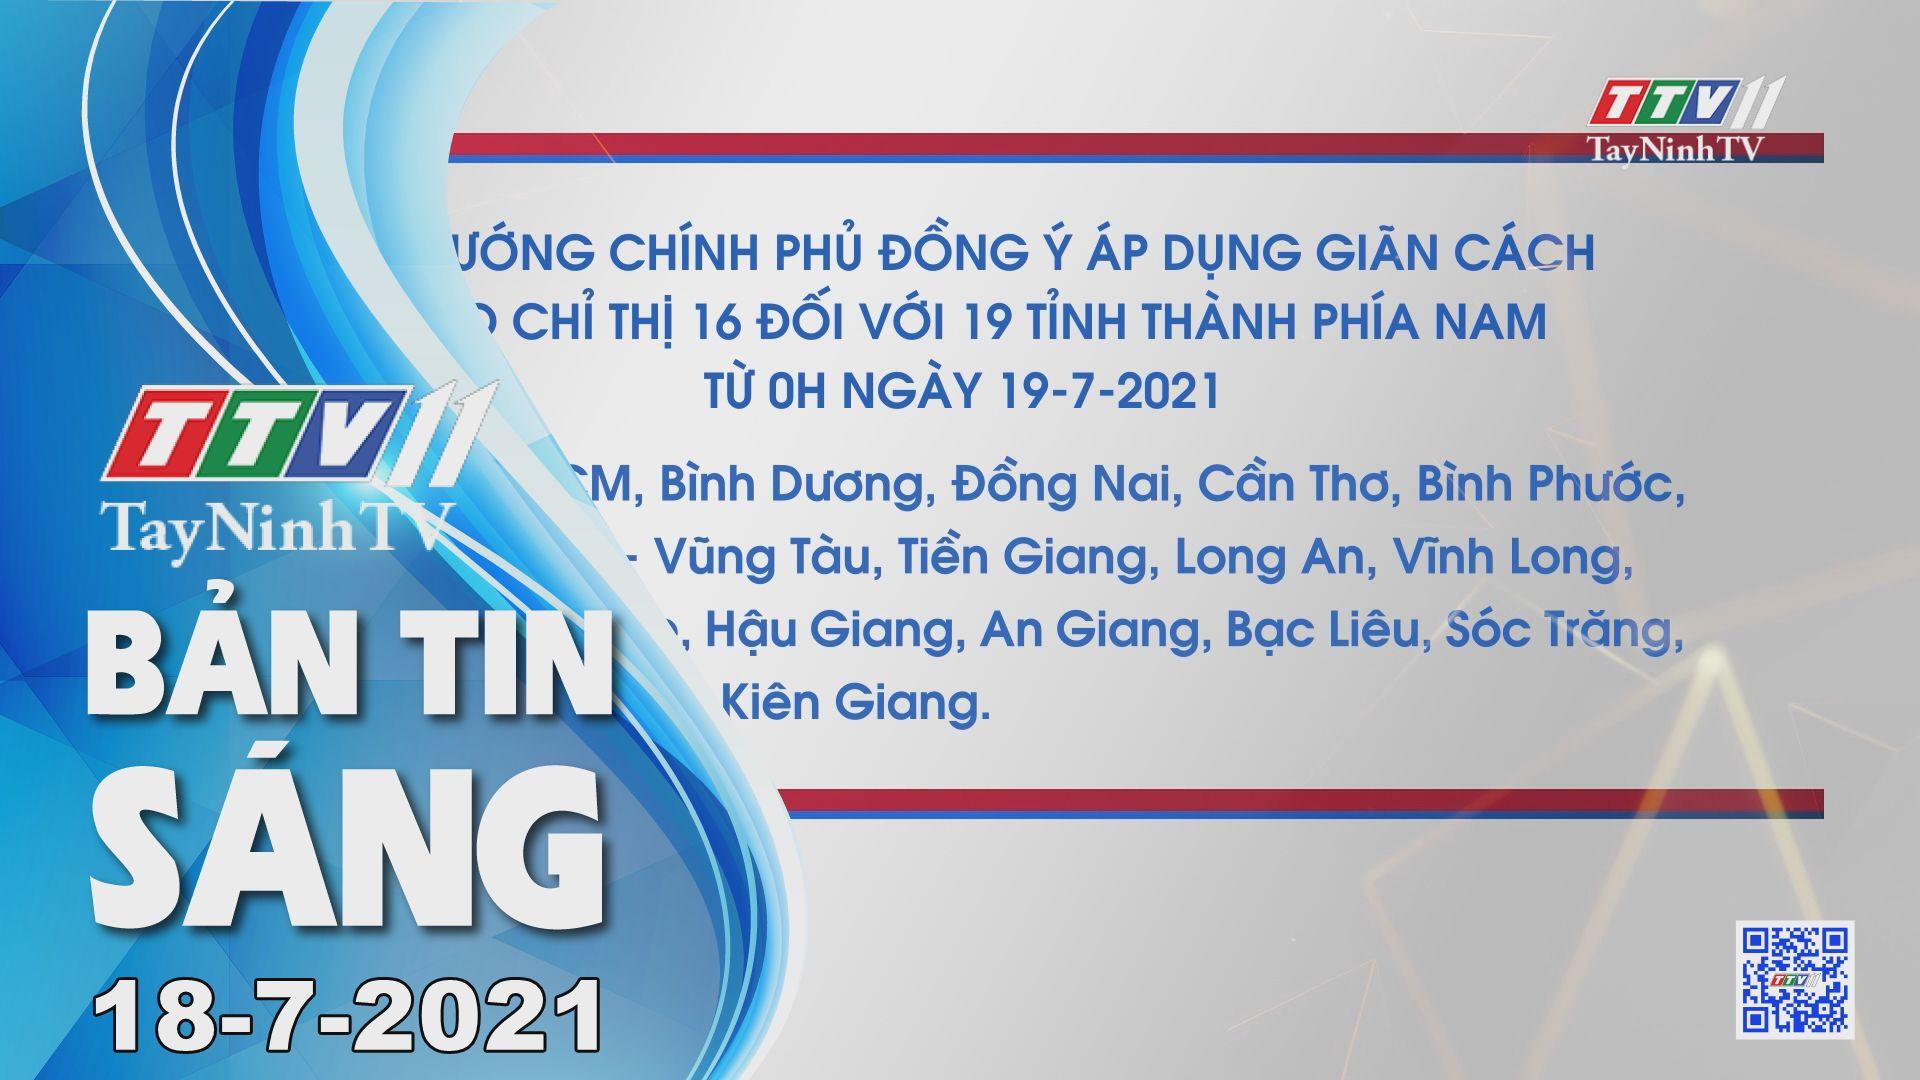 Bản tin sáng 18-7-2021 | Tin tức hôm nay | TayNinhTV